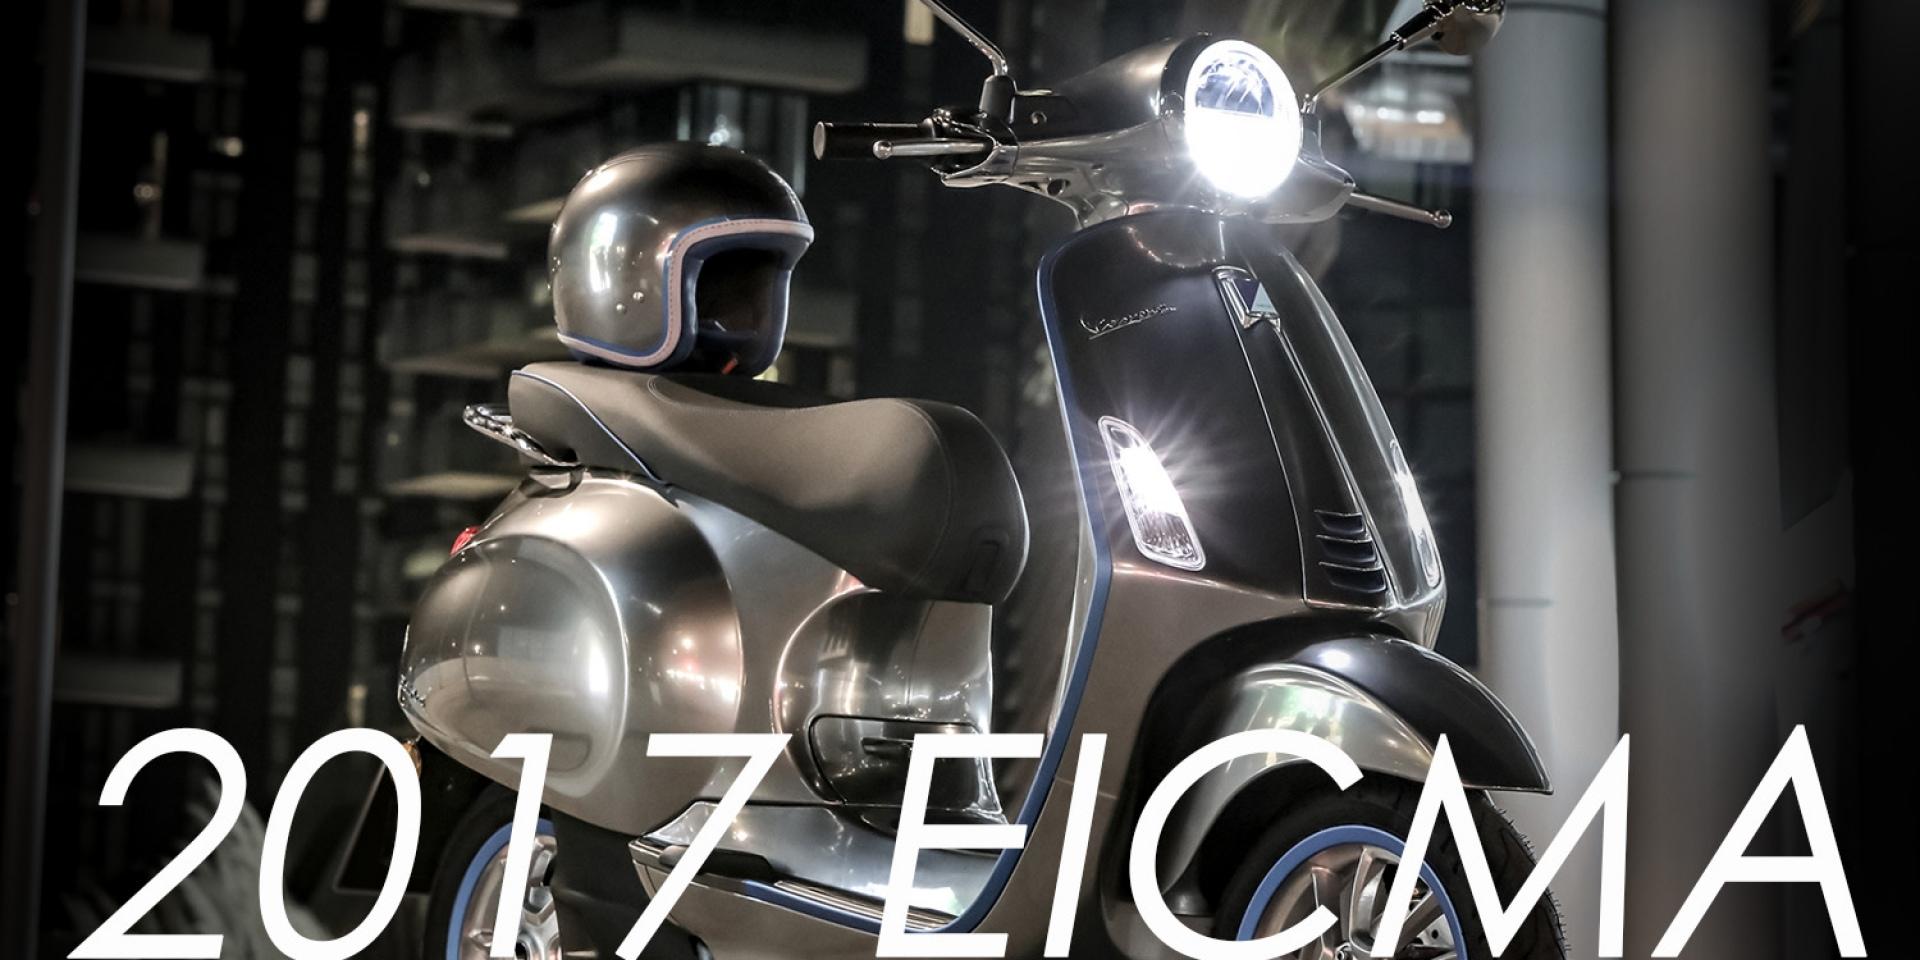 2017米蘭車展。Vespa Elettrica電動車正式量產